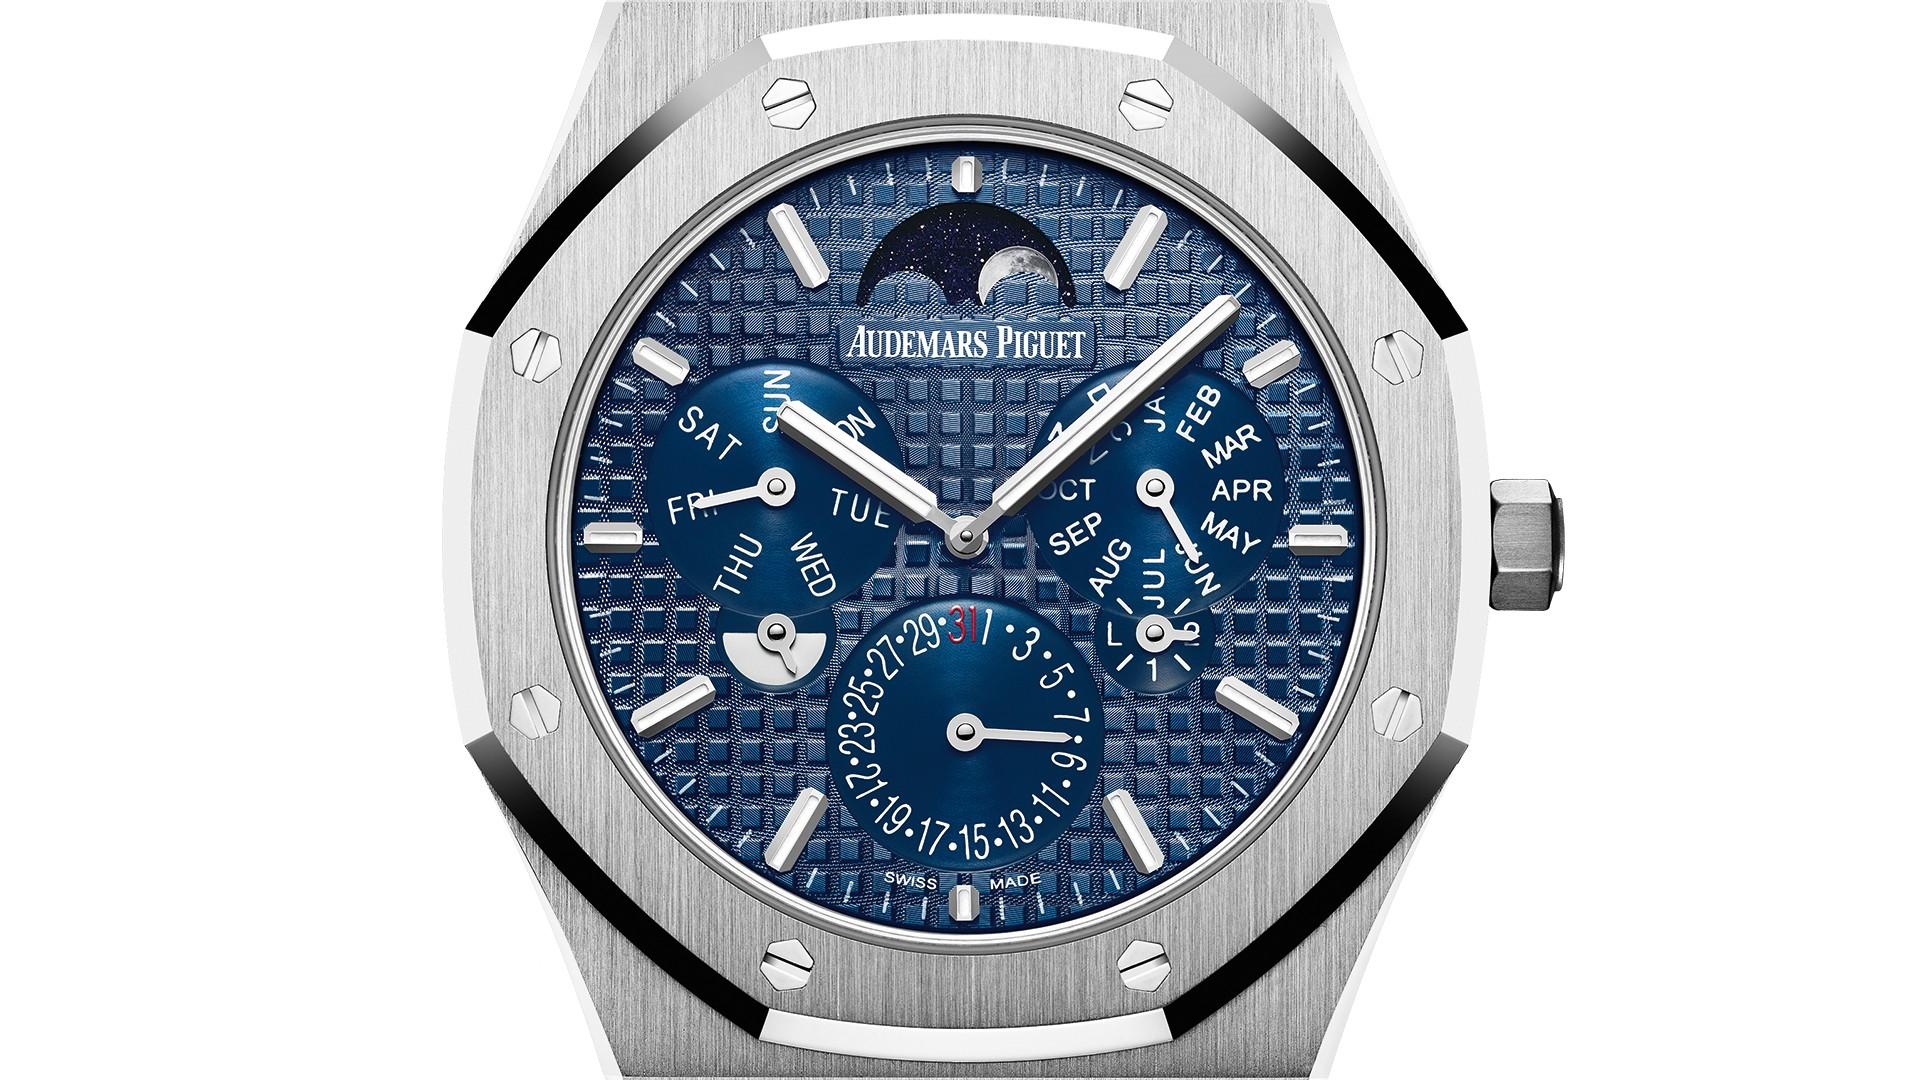 Audemars Piguet Royal Oak RD#2 Perpetual Calendar Ultra-Thin watch